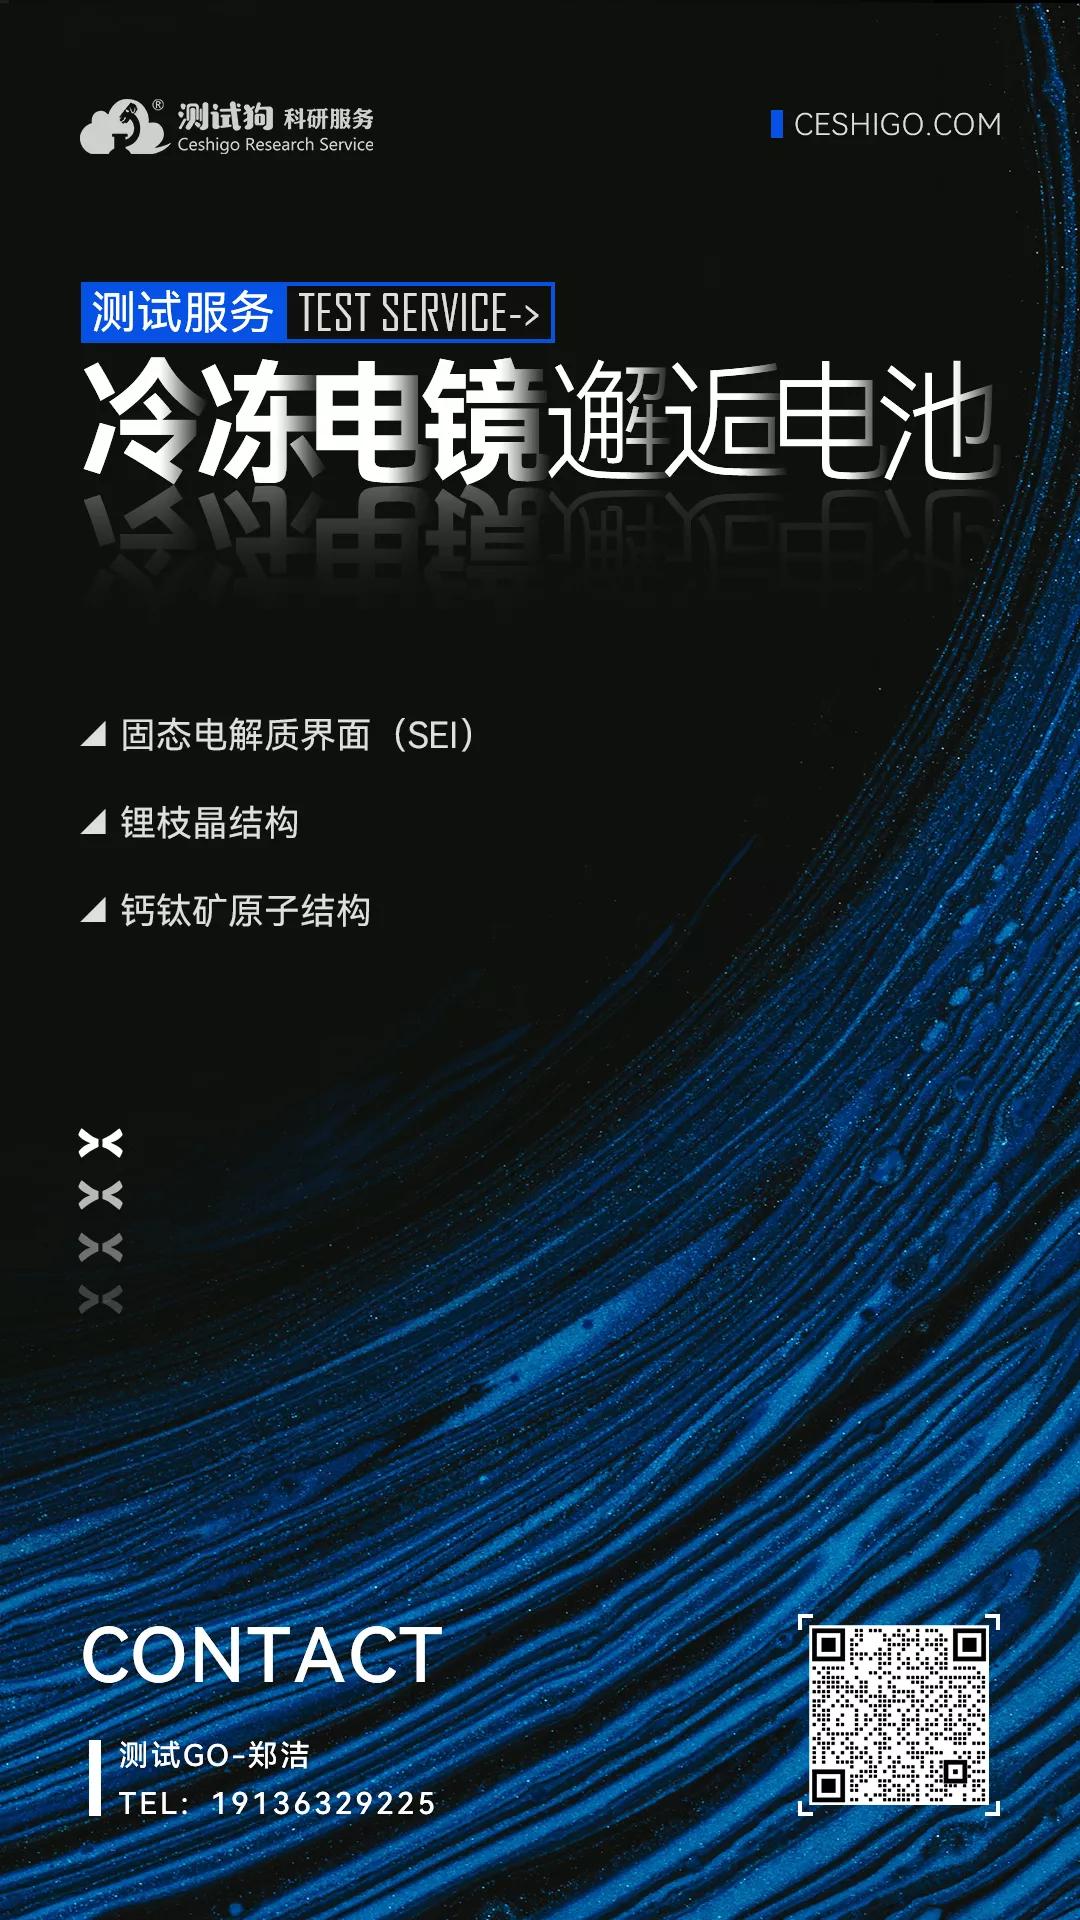 """重磅上新丨冷冻电镜测试服务——电池研究的""""大杀器"""""""